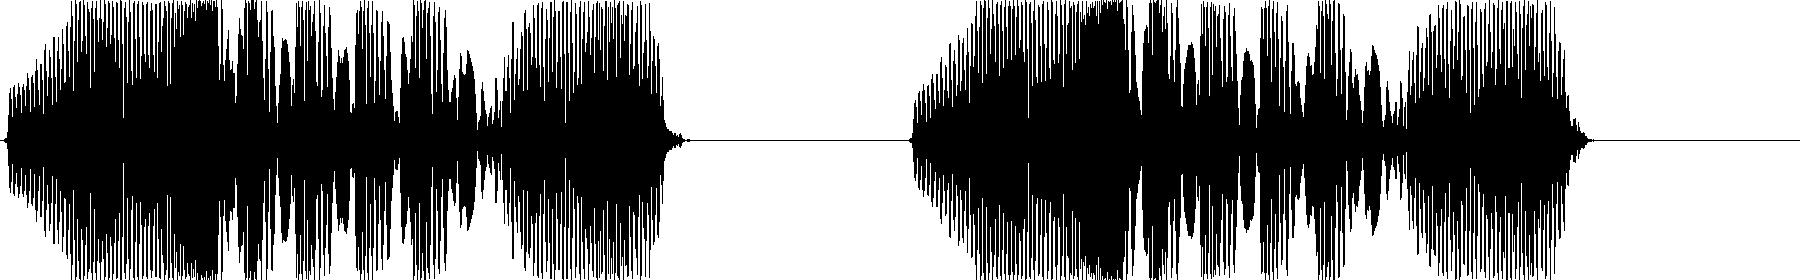 rld bassline 172 d m85 bn